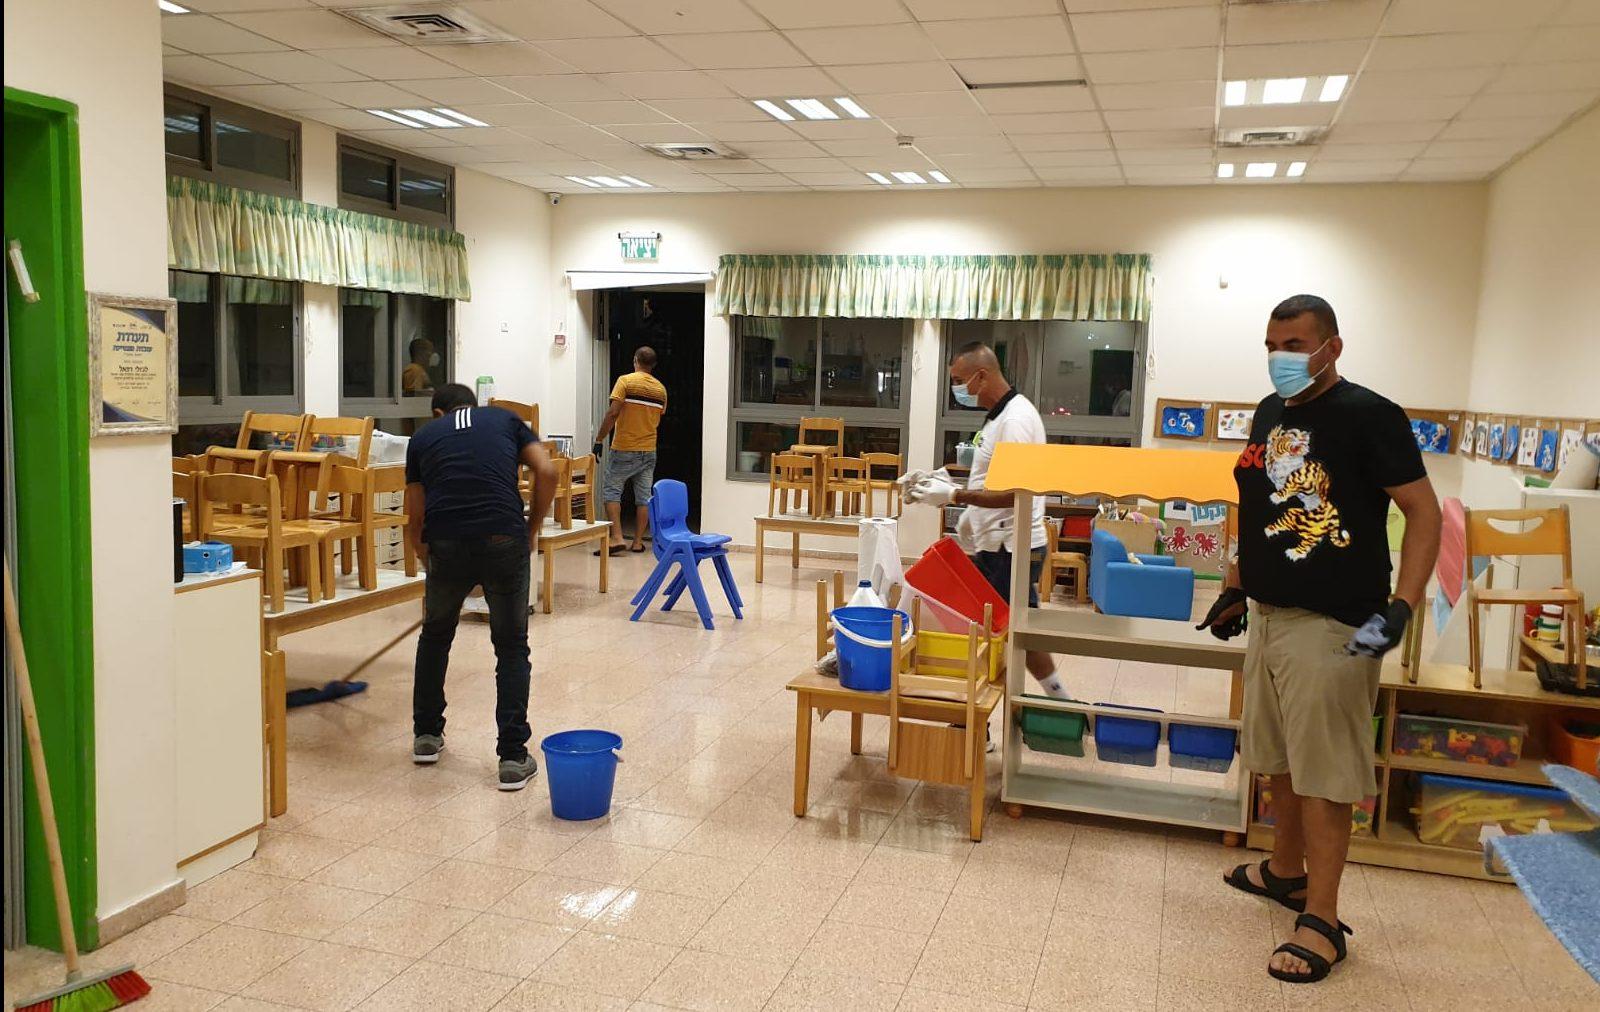 צוותים עירוניים מחטאים את מעון קשת. צילום דוברות עיריית הרצליה